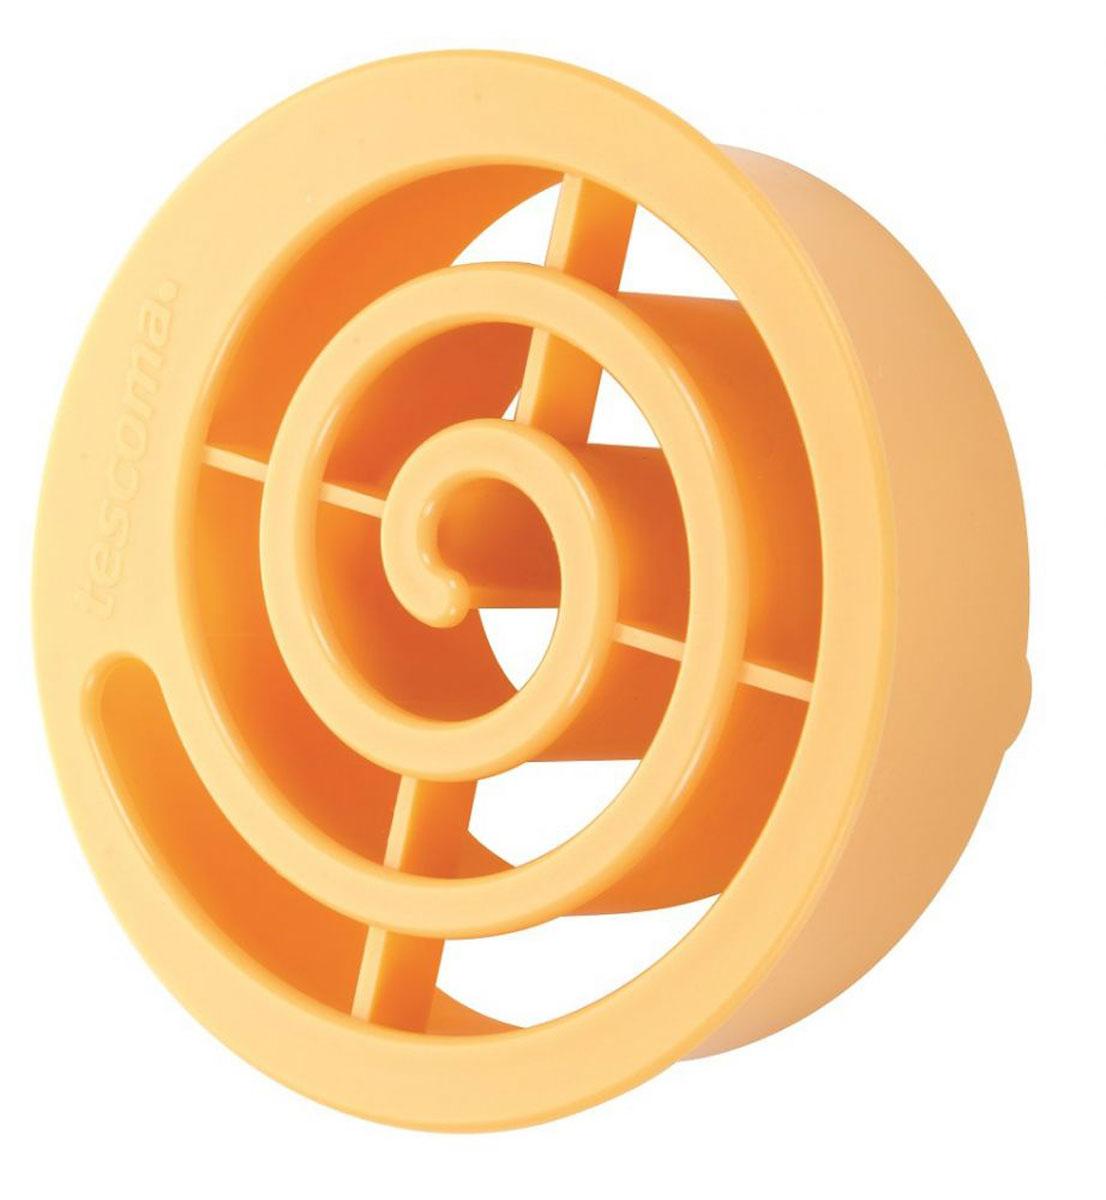 Форма для выпечки булочек Tescoma Улитка, 9 х 9 х 3 см54 009312Форма Tescoma Улитка прекрасно подходит для приготовления домашней выпечки - булочек-розеток. С помощью формочки выдавите в булках глубокий декор (около 2 мм над поверхностью рабочей поверхности) и выпекайте тесто. Изделие изготовлено из высококачественного прочного пластика.Подходит для мытья в посудомоечной машине. Размер формы: 9 х 9 х 3 см.